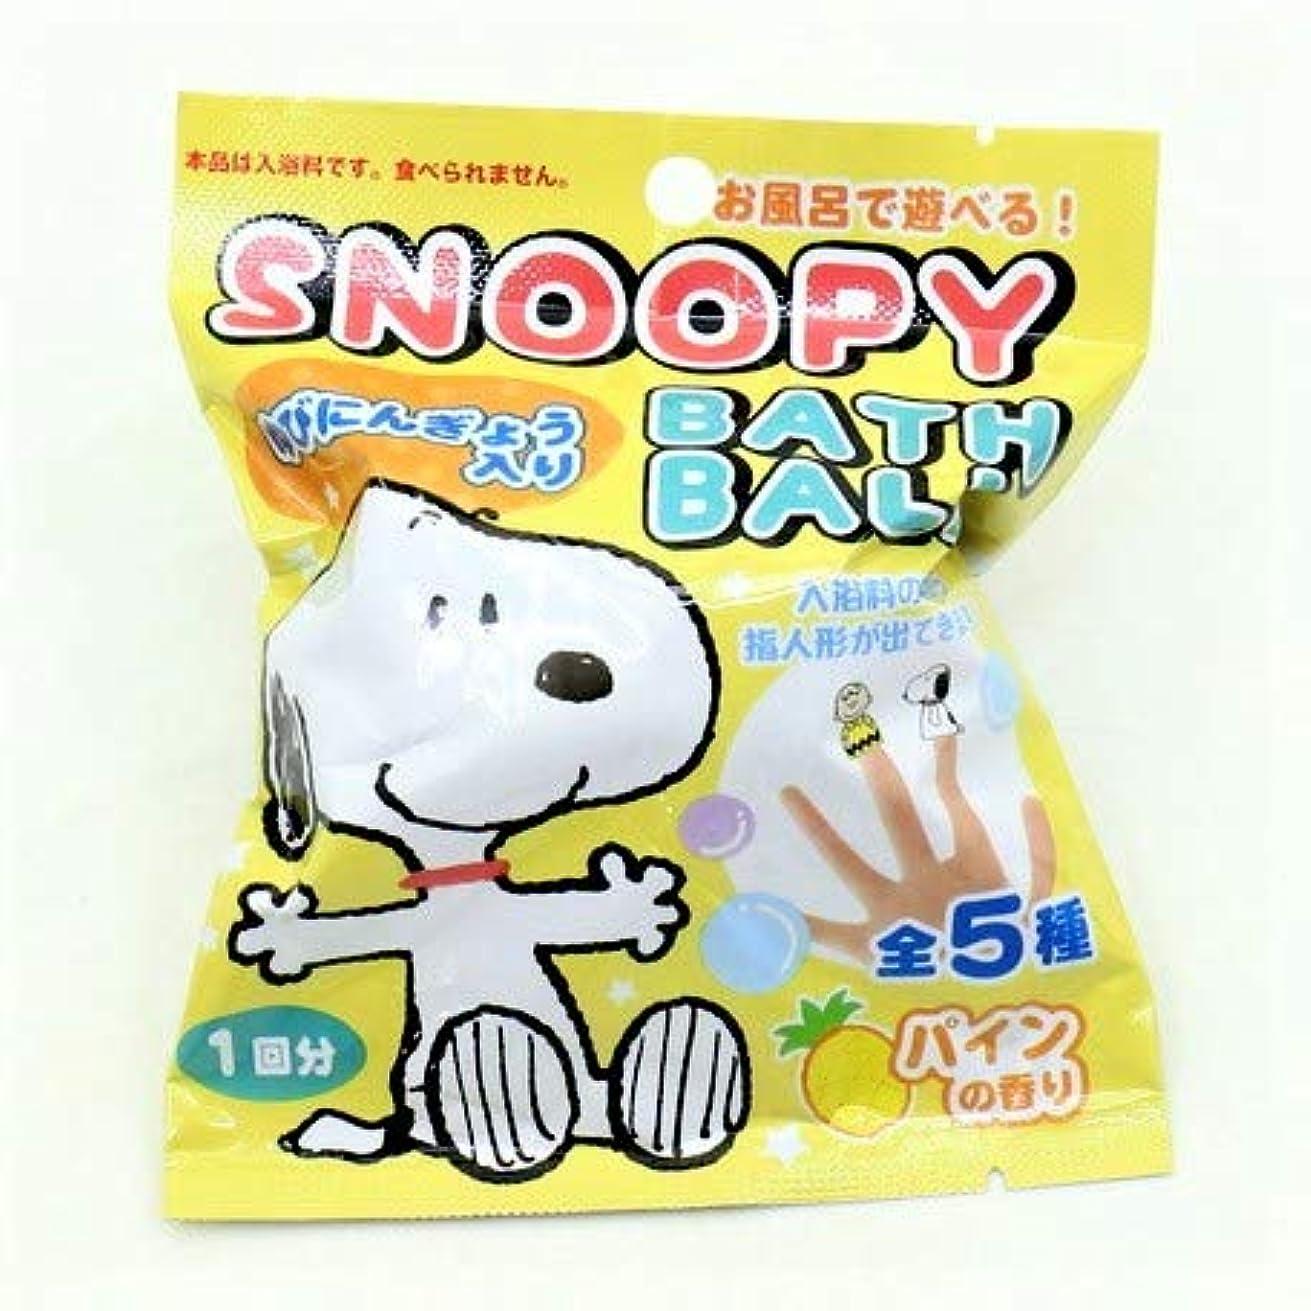 タイマーマーティンルーサーキングジュニア素晴らしきスヌーピー バスボール 入浴剤 パインの香り 6個1セット 指人形 Snoopy